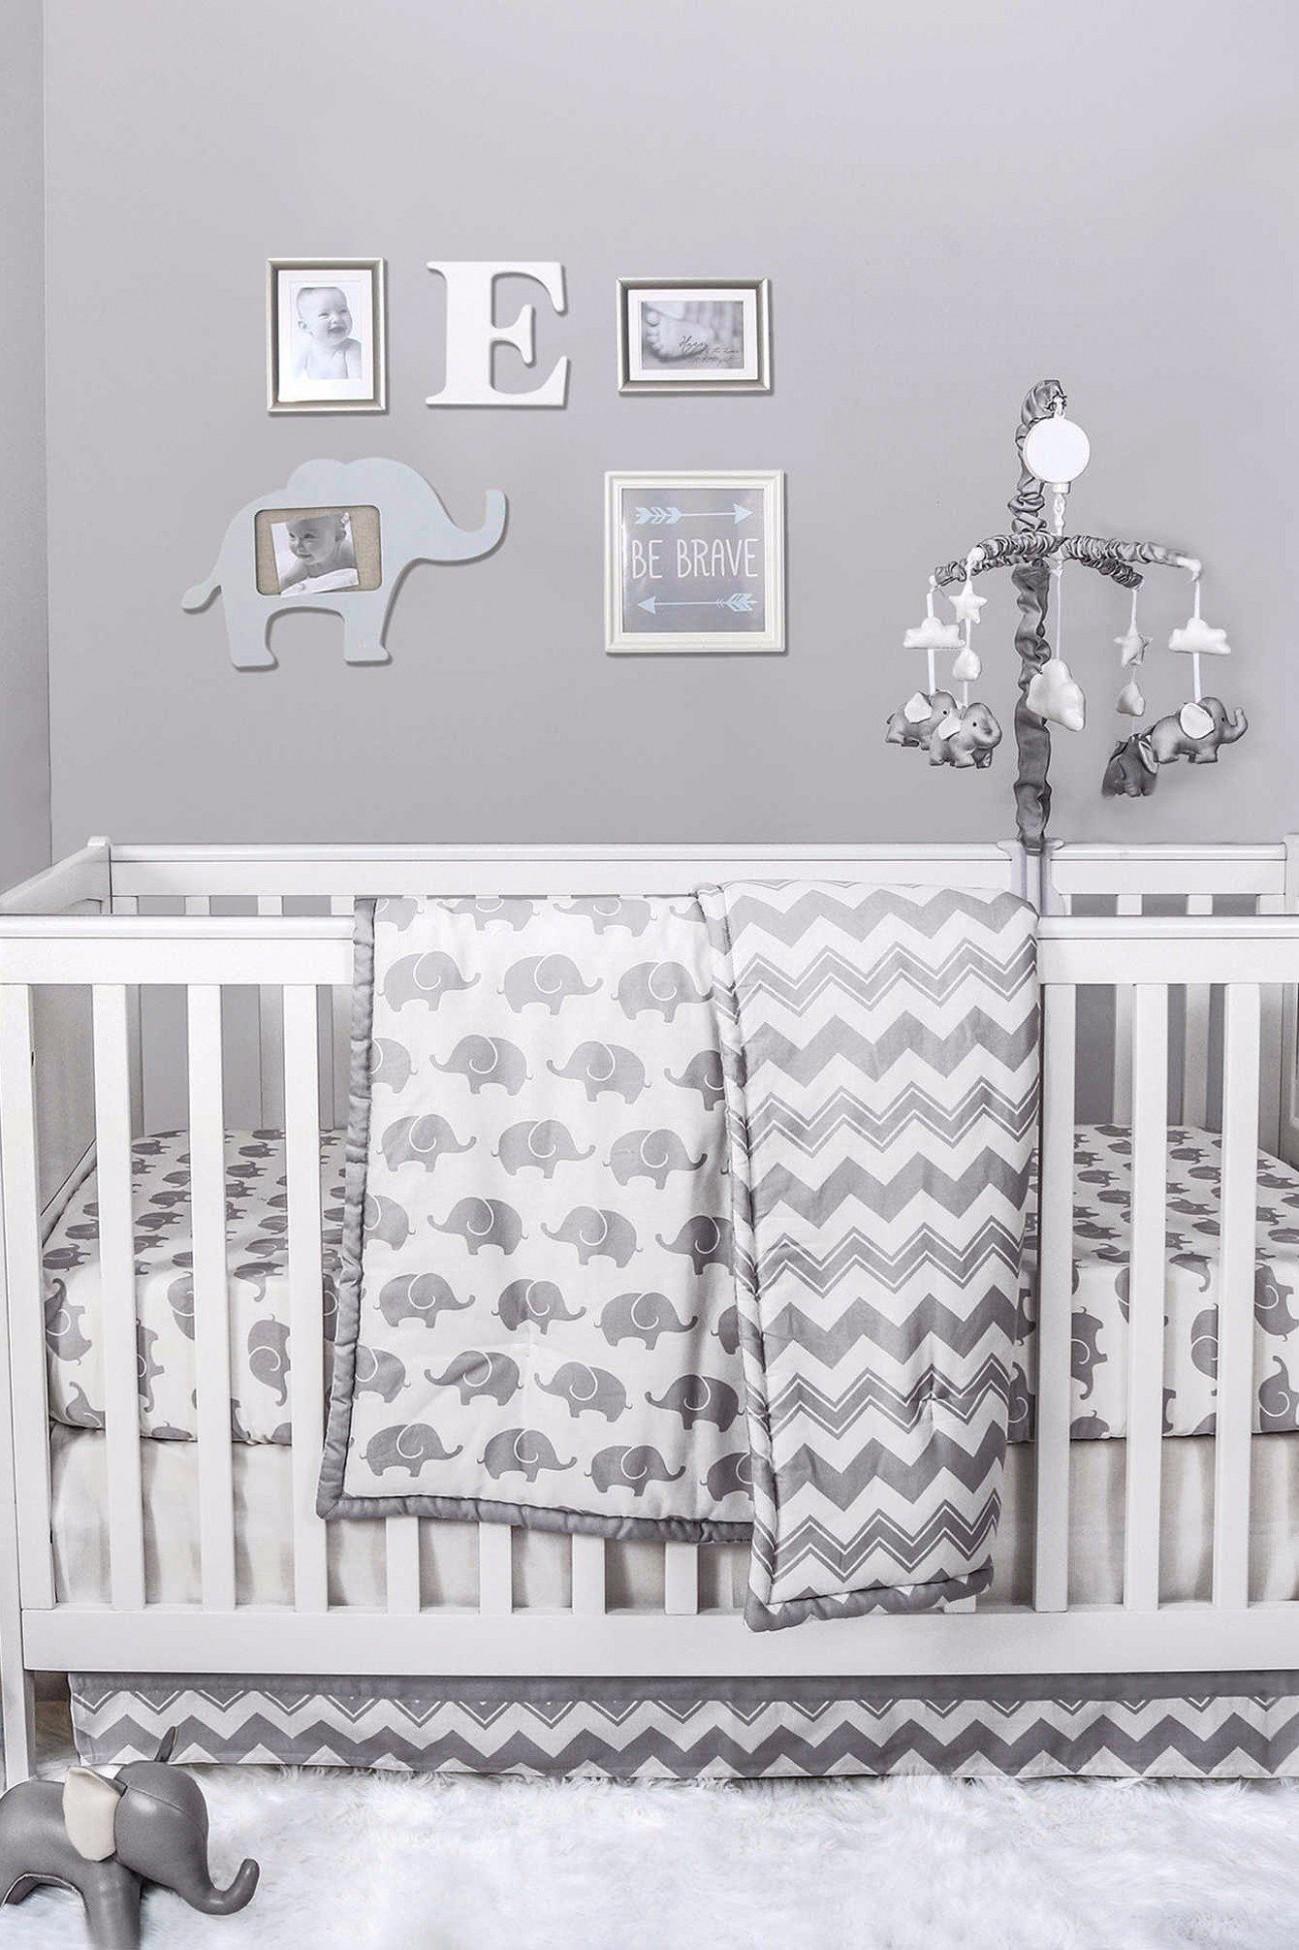 12 Adorable Decor Items For an Elephant-Themed Nursery  Elephant  - Baby Room Elephant